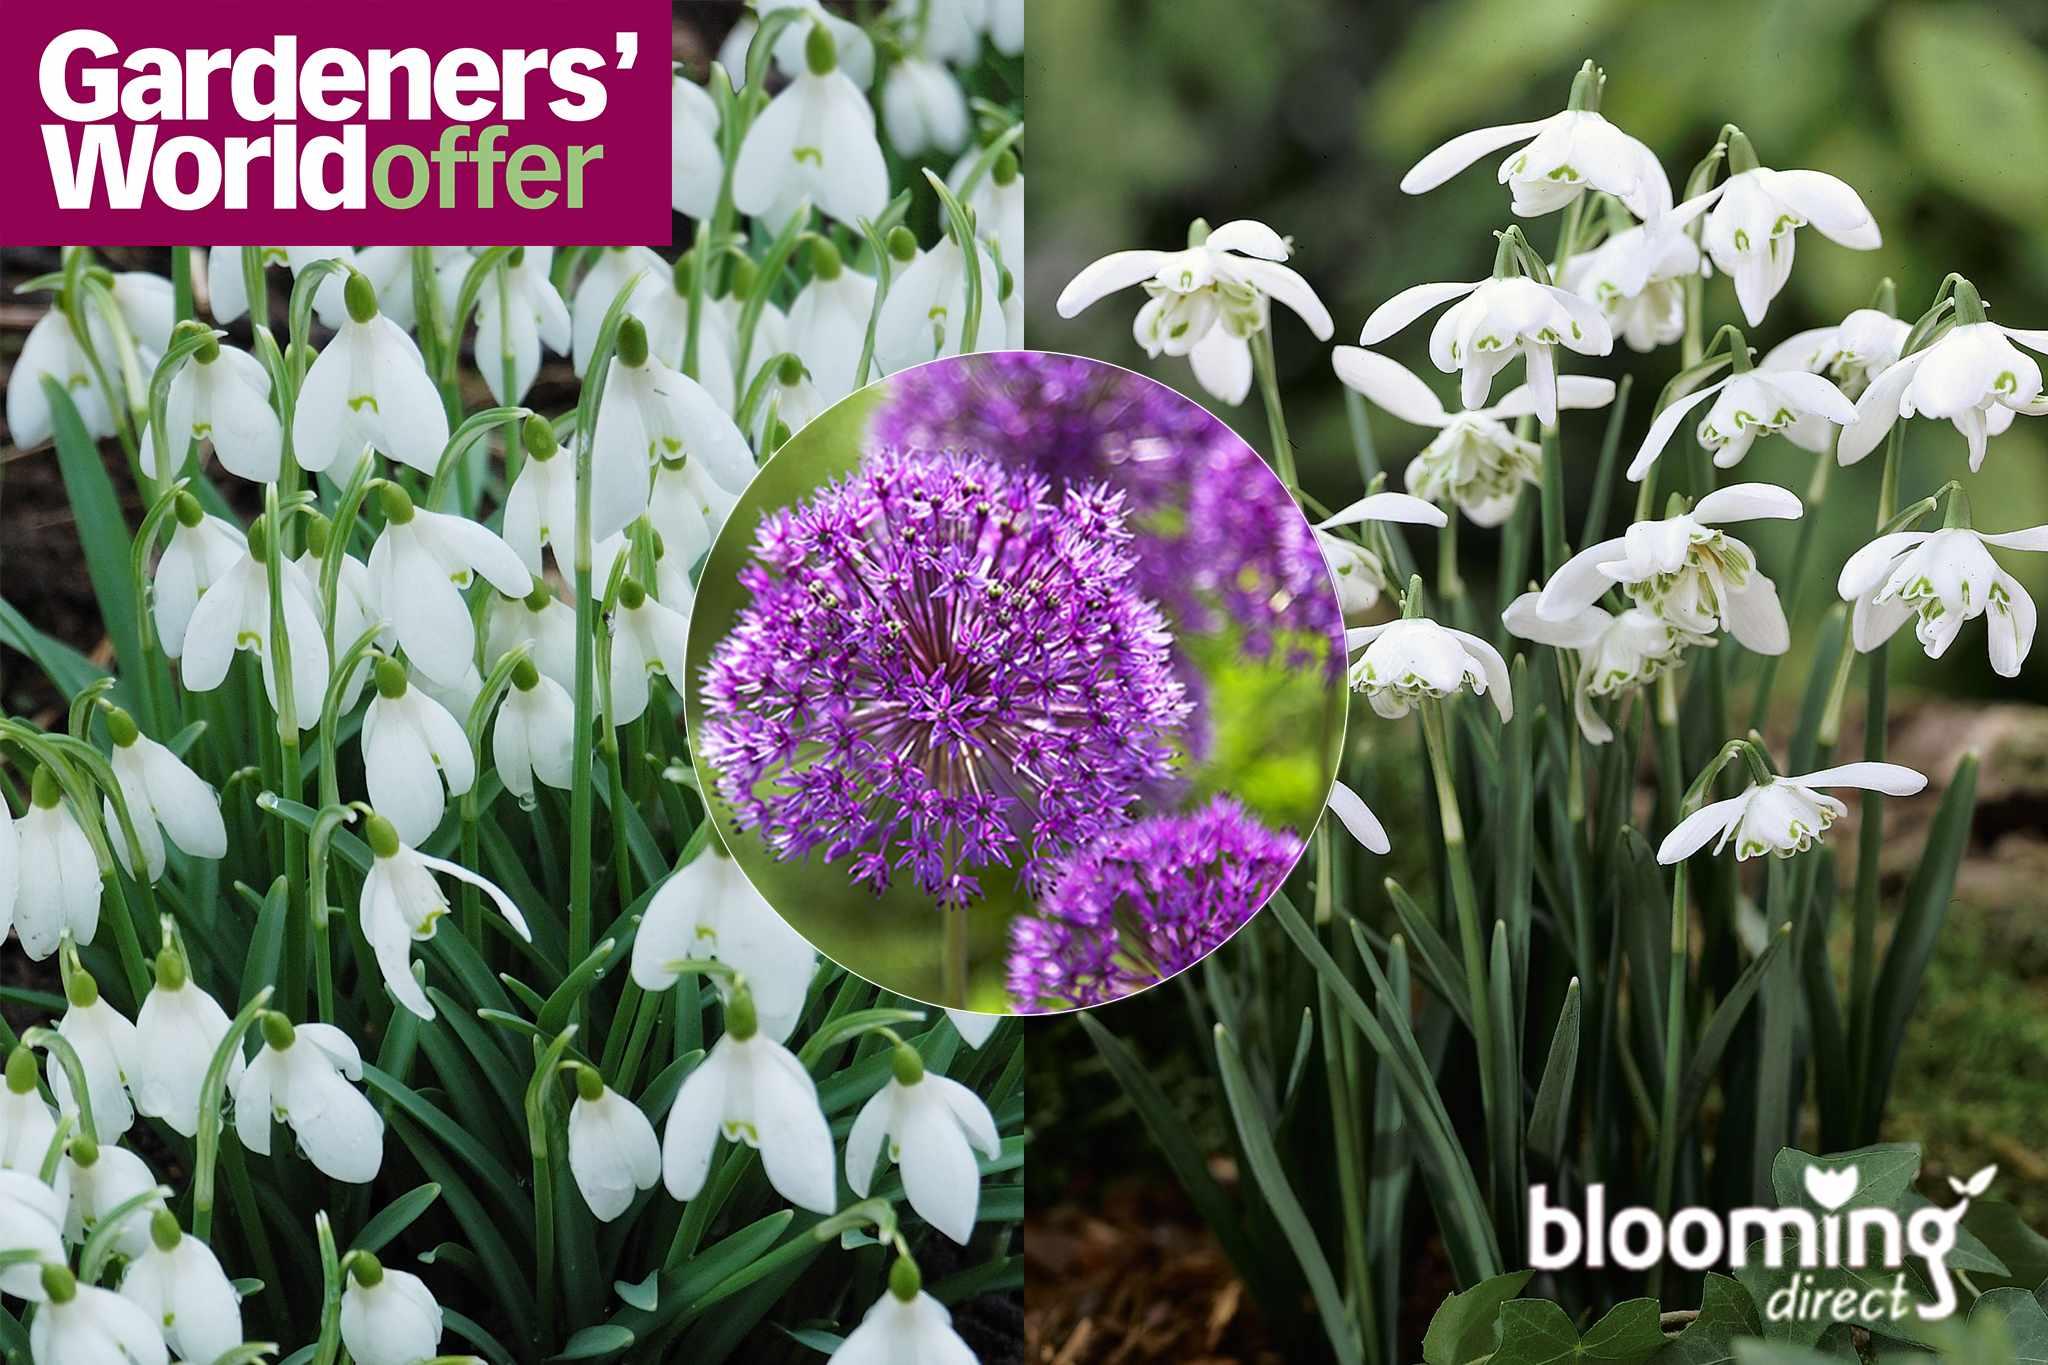 blooming-mpu-wtdn-direct-snowdrops_2-2048-1365